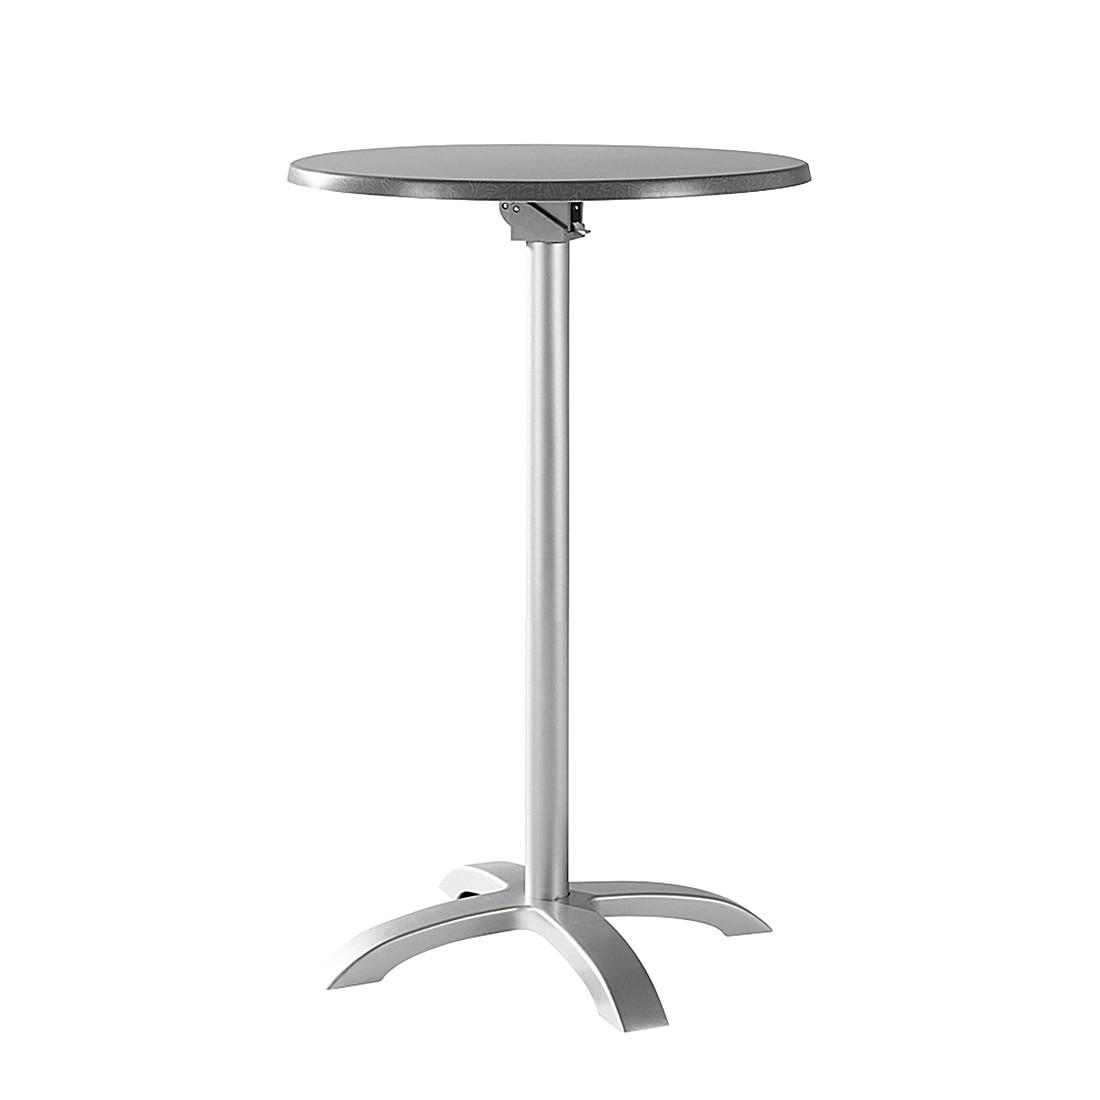 Stehtisch Maestro – Aluminium/Werzalit – Silber/Acantus Dekor, Best Freizeitmöbel online bestellen